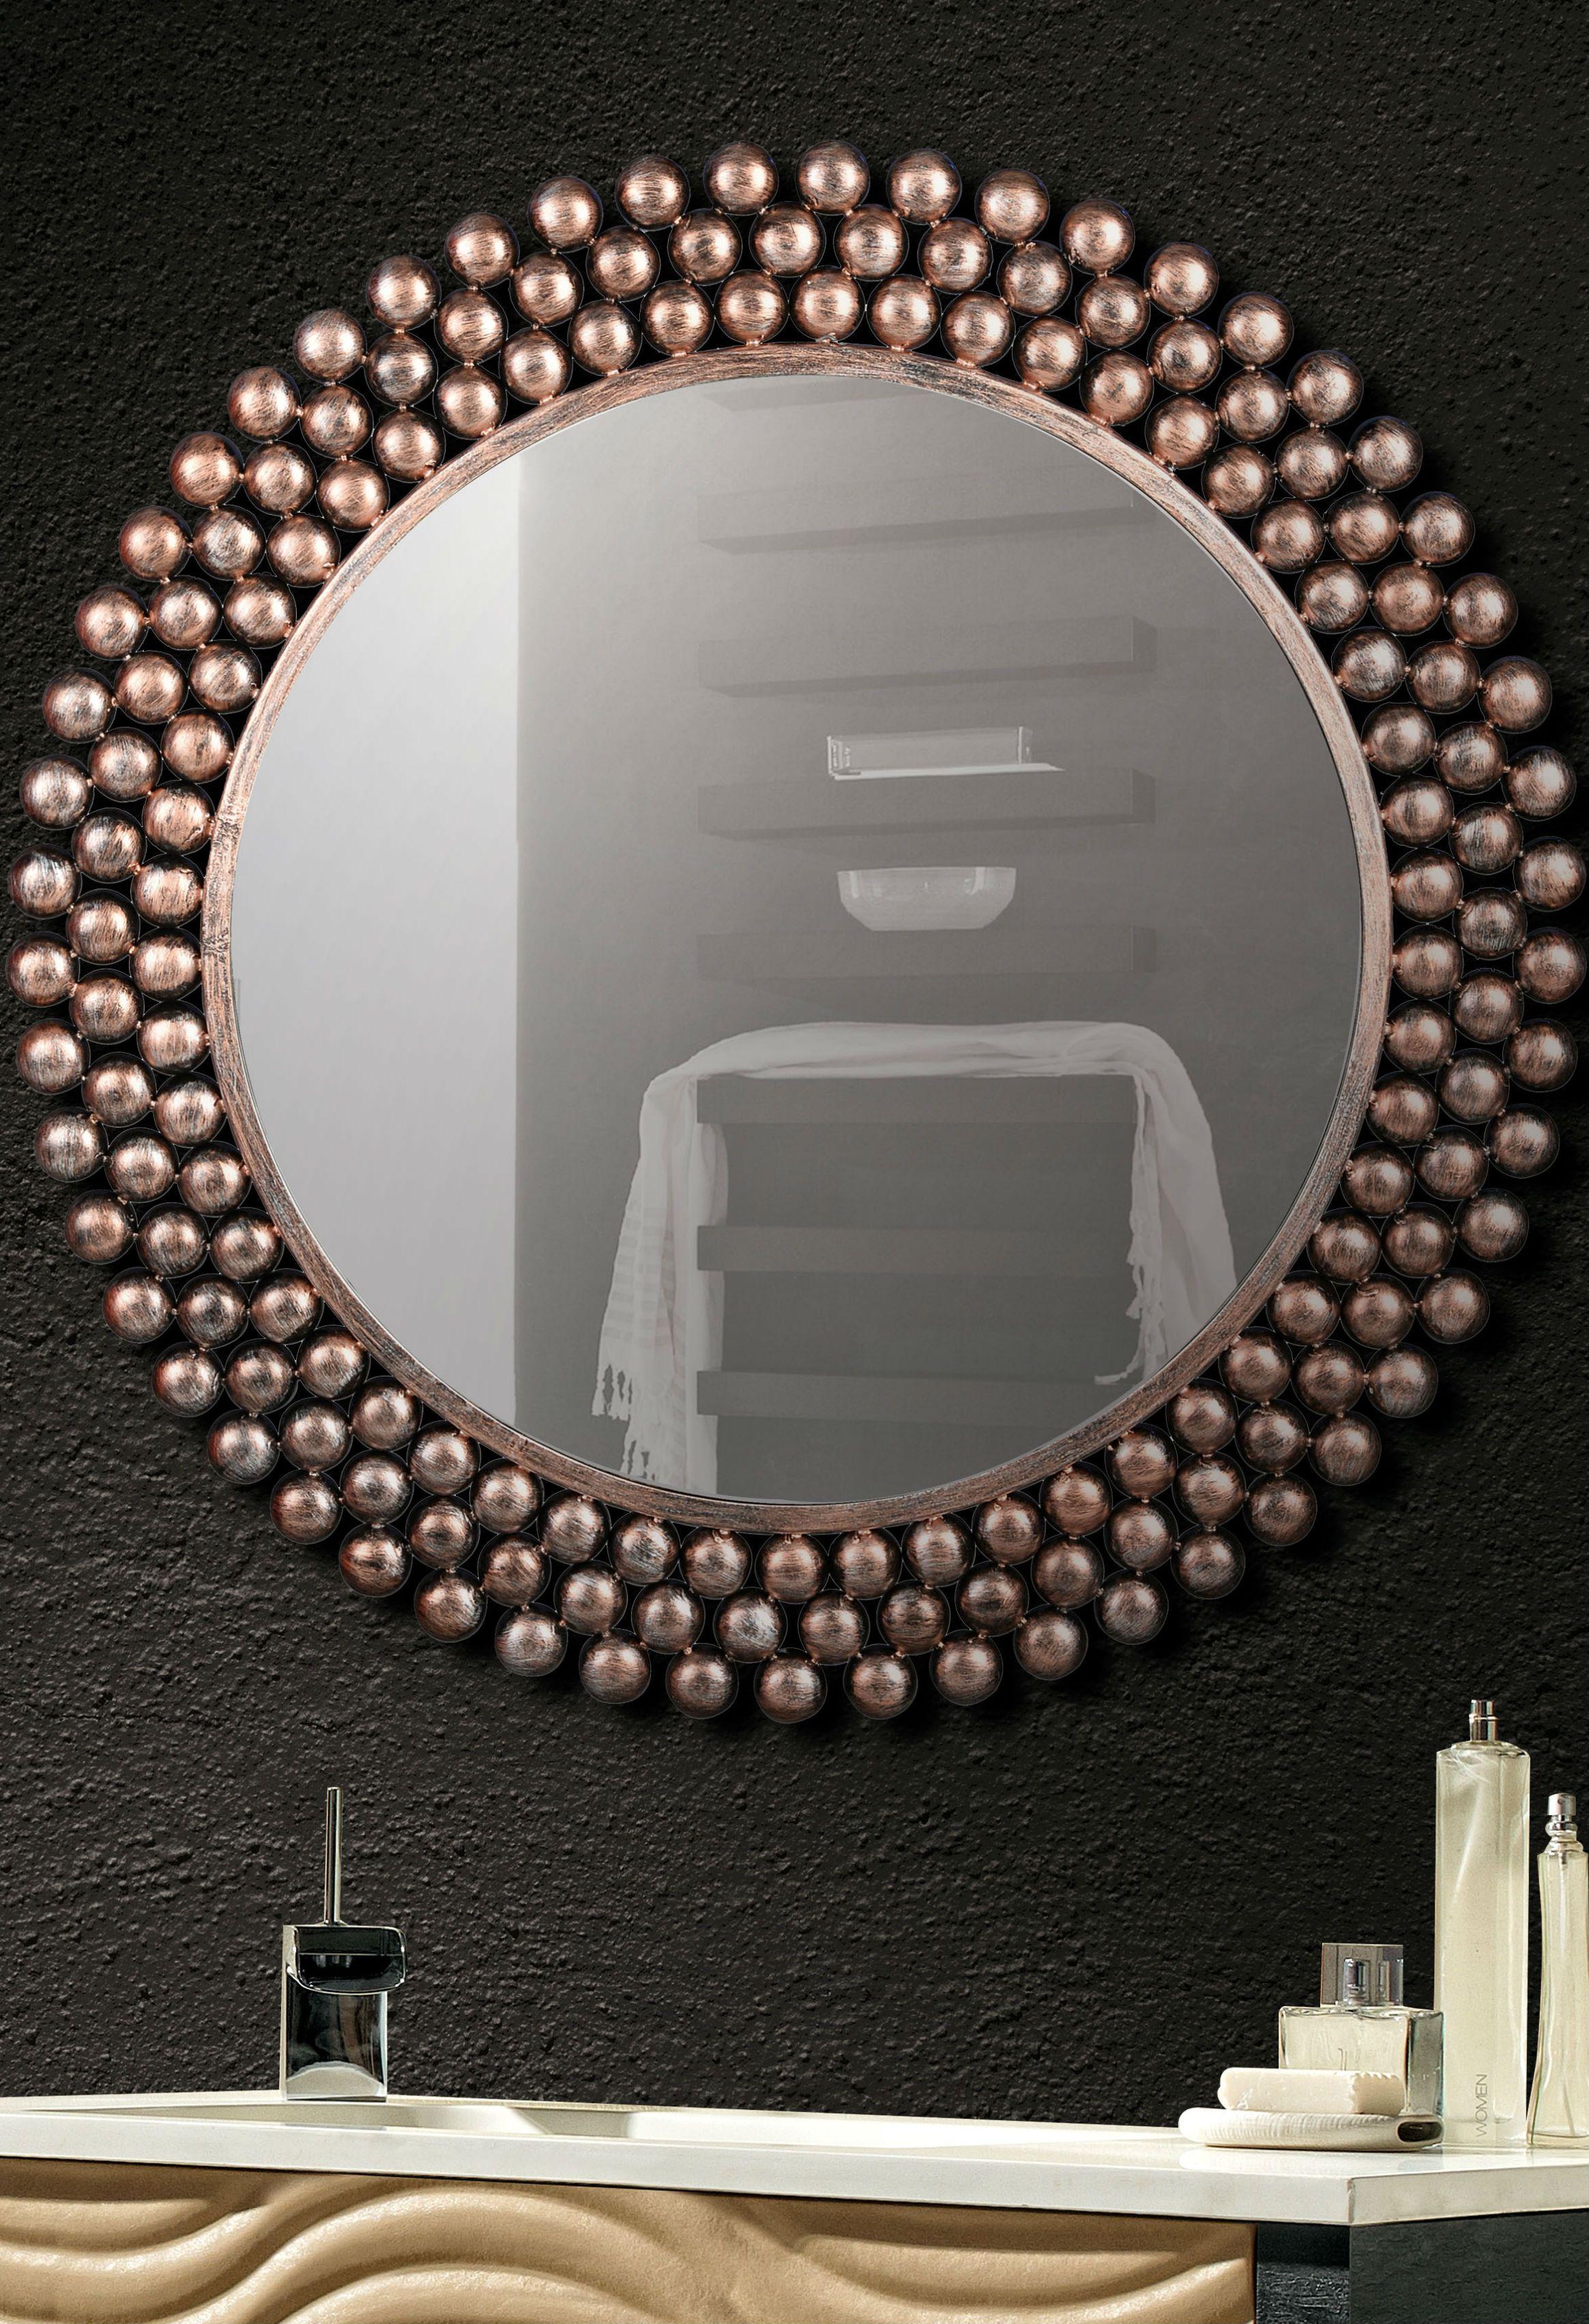 Ausgezeichnet 18 Inch Runder Bilderrahmen Galerie ...